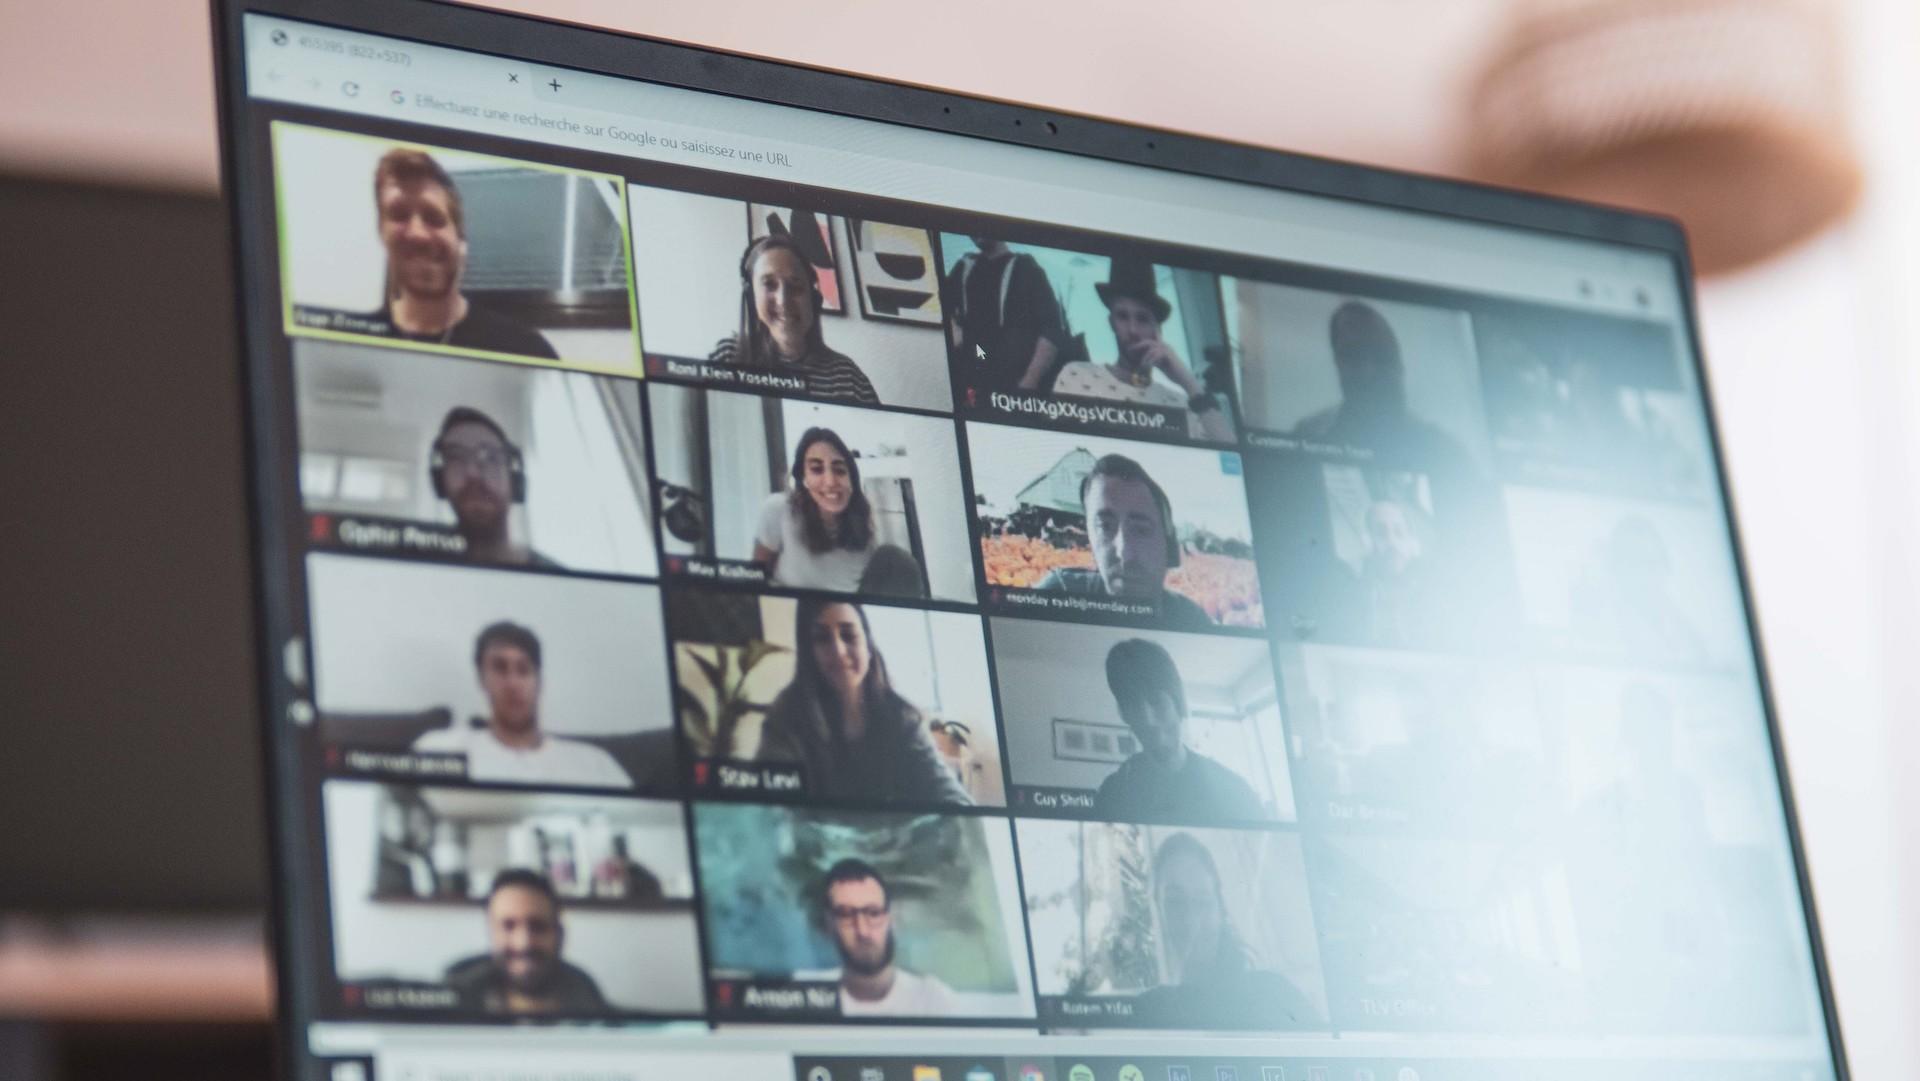 Zoom: des hackers créent de fausses réunions pour voler vos identifiants professionnels